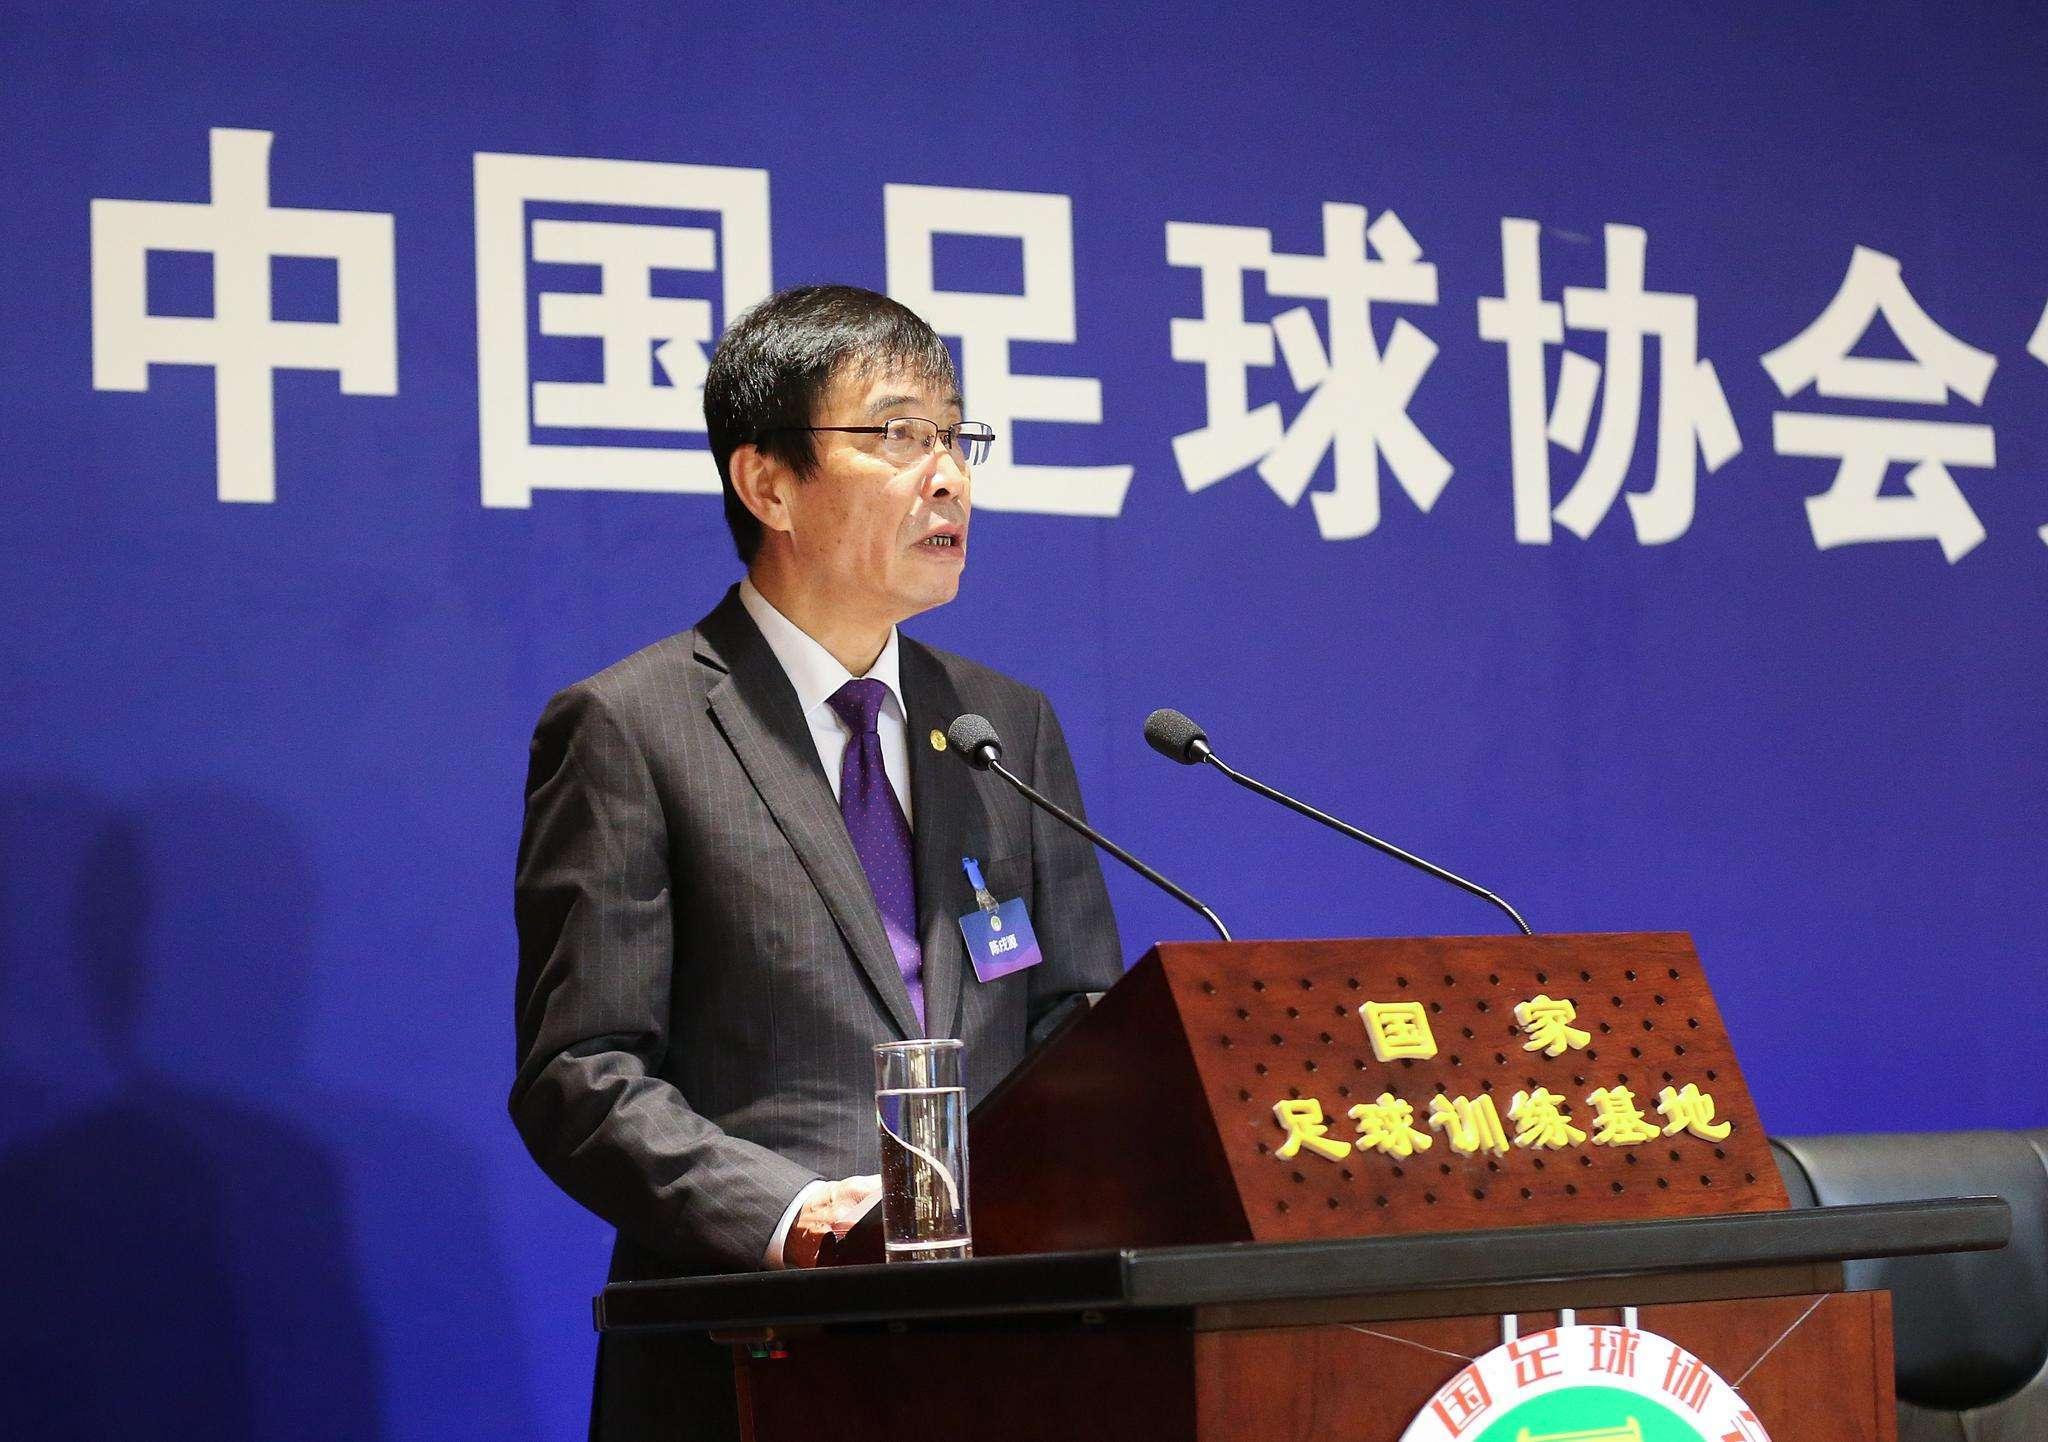 足协主席陈戌源现身大连 对开赛工作进行最后确认